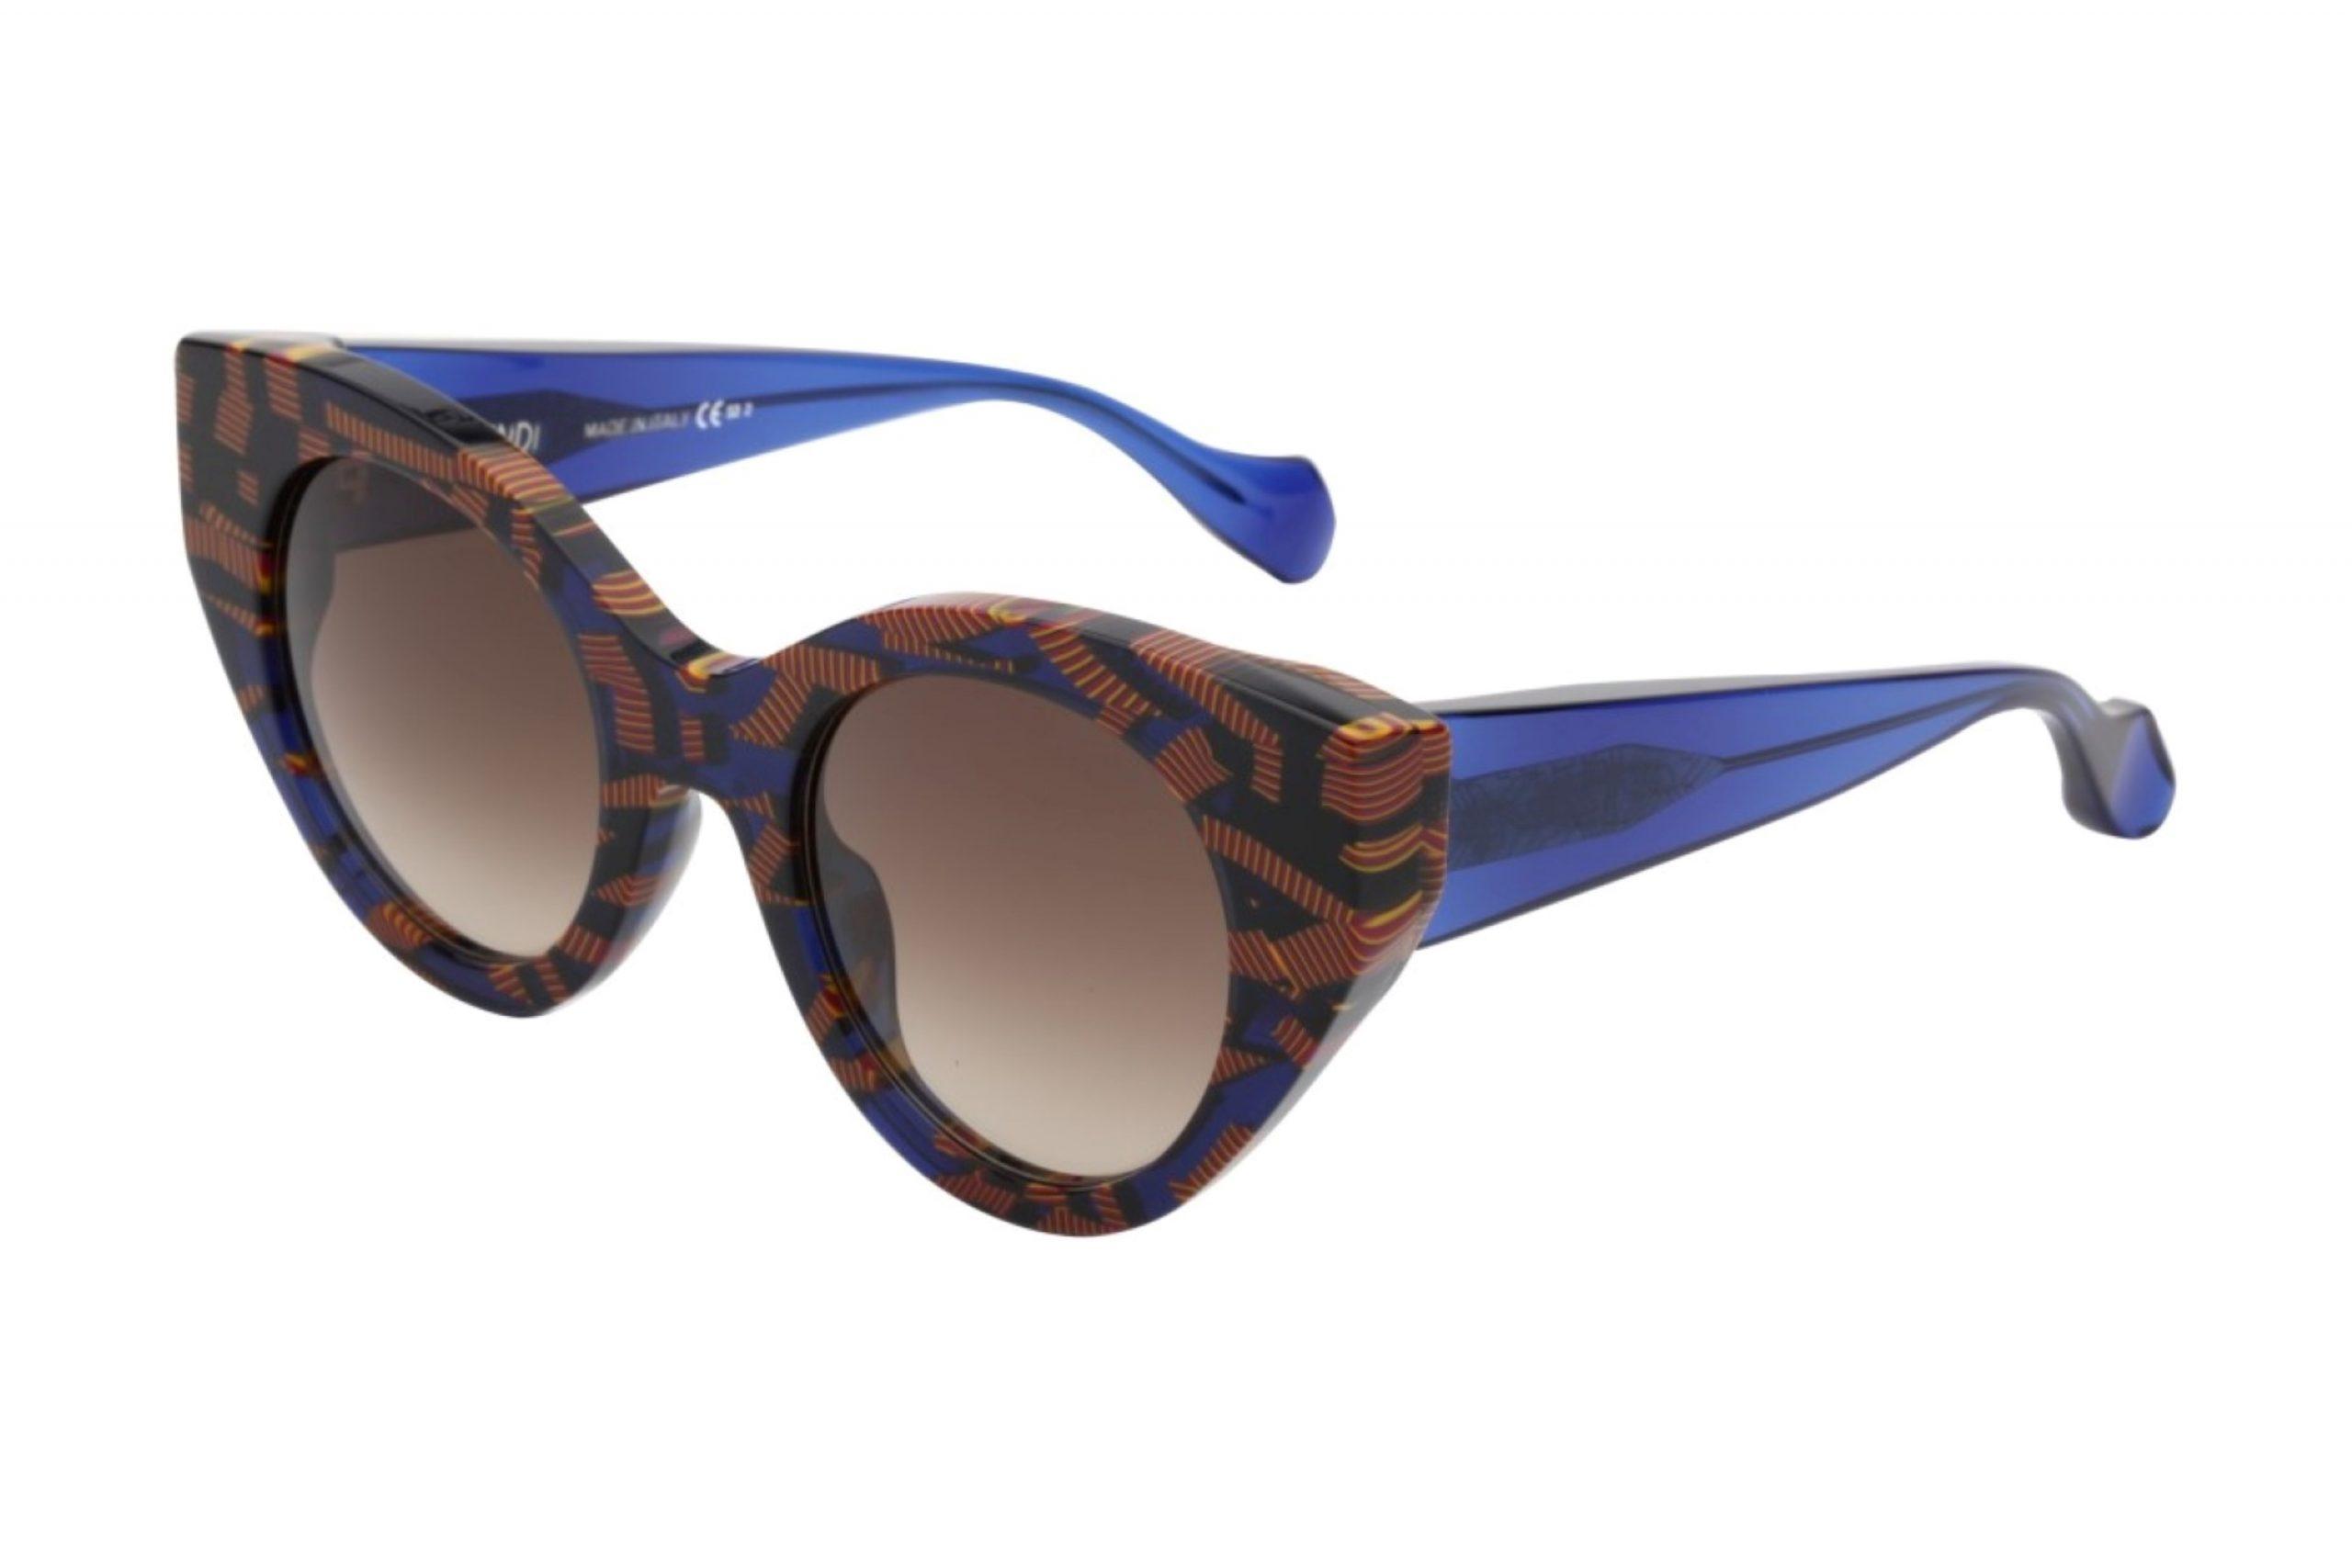 דולצ'ה ויטה: ראיון בלעדי עם מעצב המשקפיים טרי לסרי